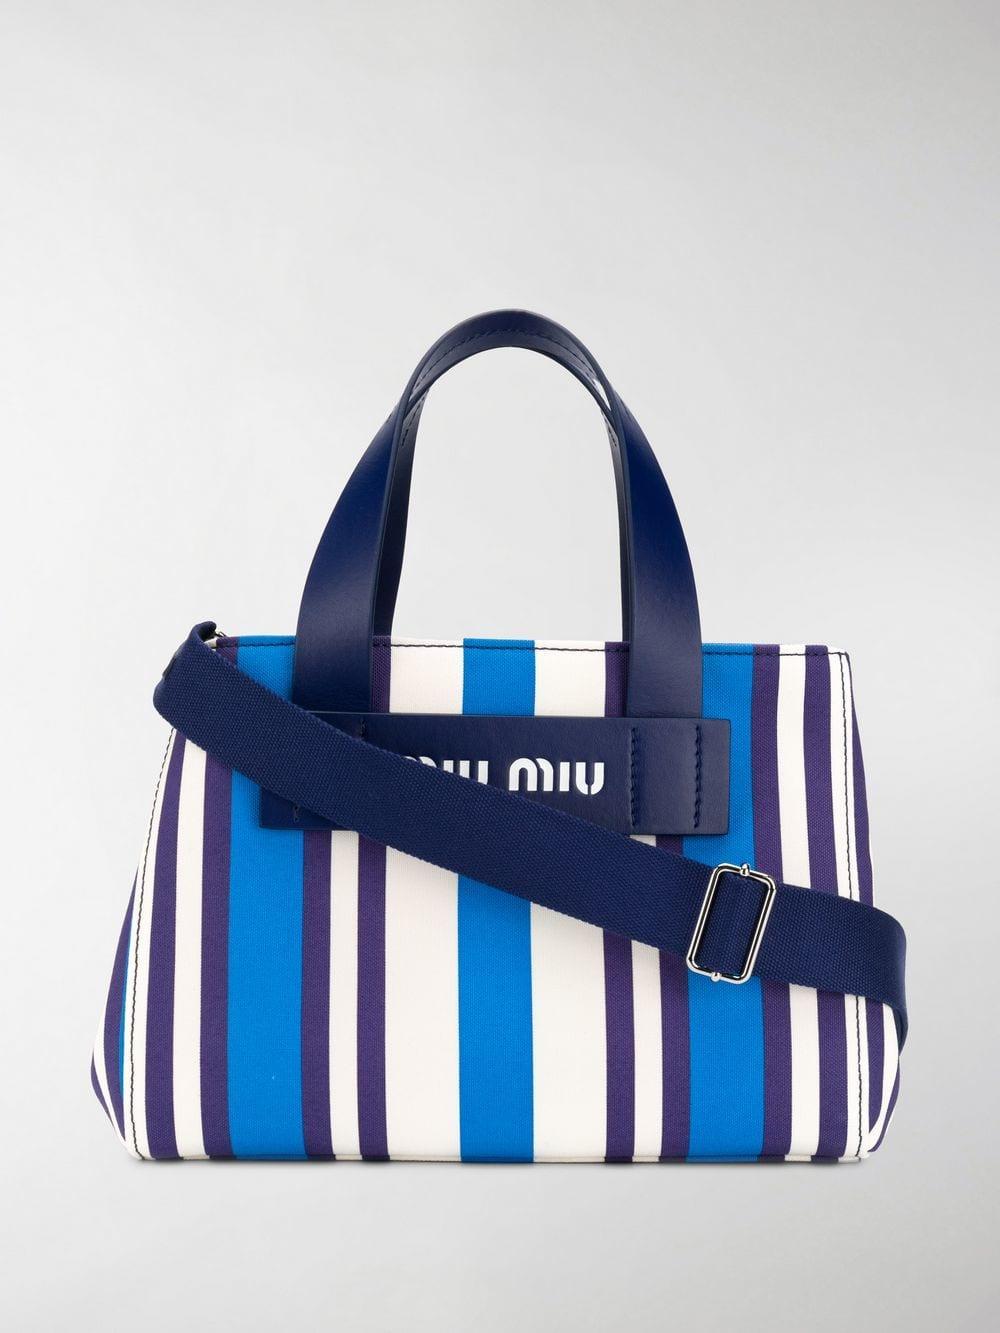 Lyst - Miu Miu Blue Small Striped Canvas Tote Bag in Blue b30a1571ab34c